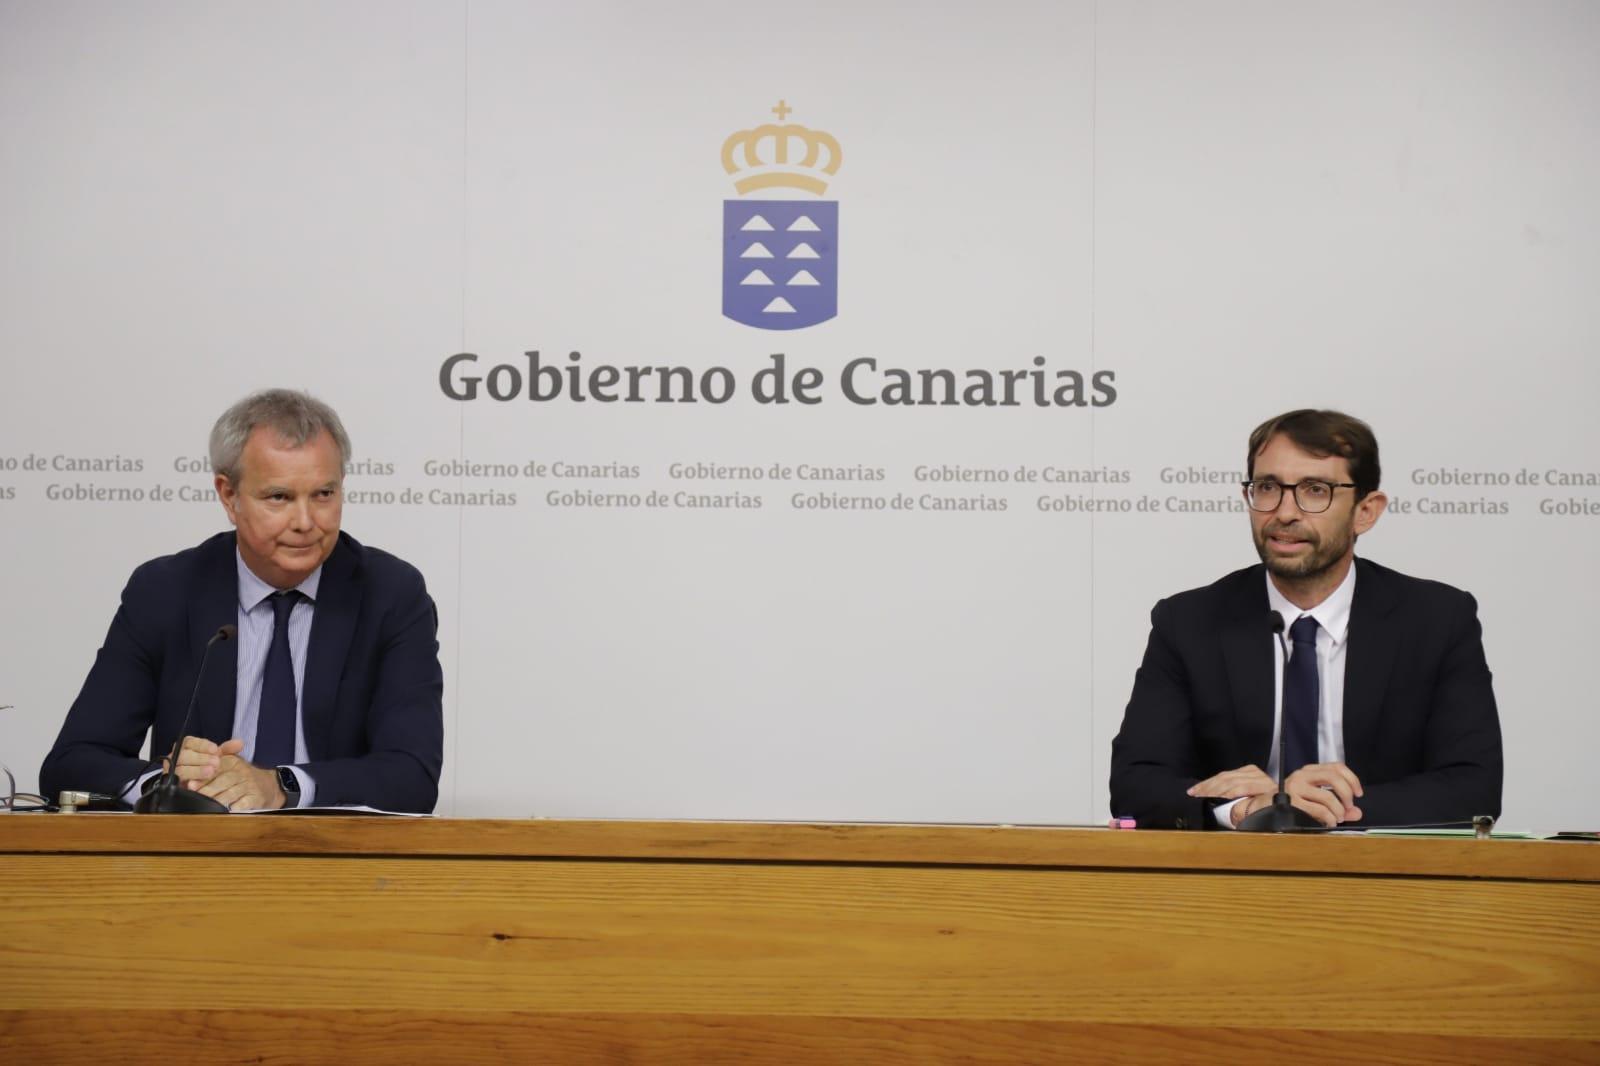 Rueda de prensa - Consejo de Gobierno